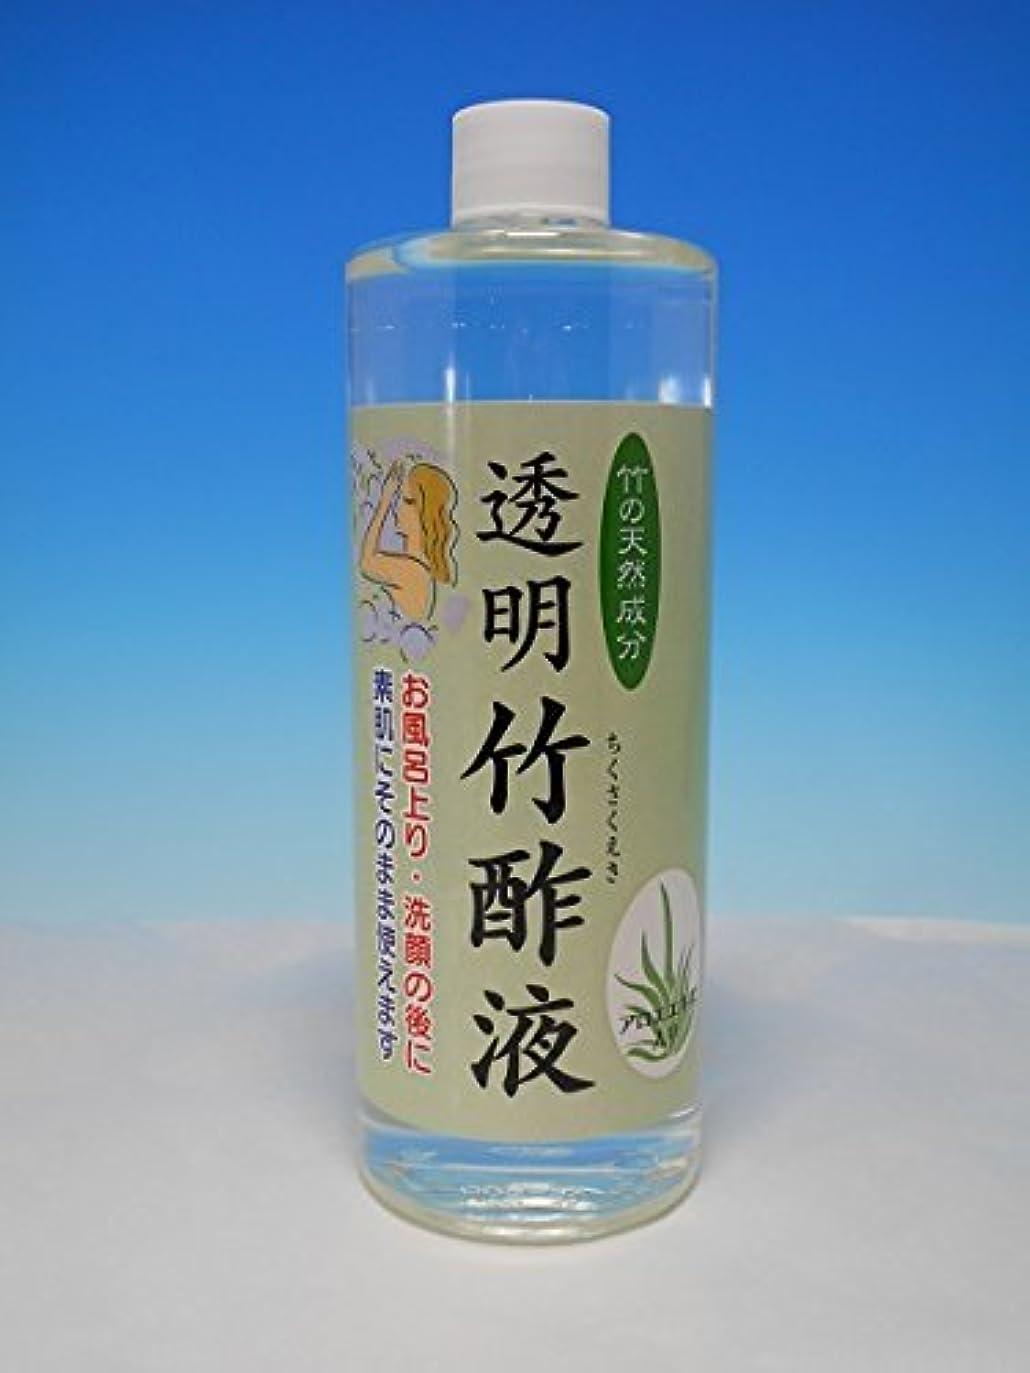 食用論争的フライカイト透明竹酢液 500ml 素肌に使える化粧水タイプの竹酢液